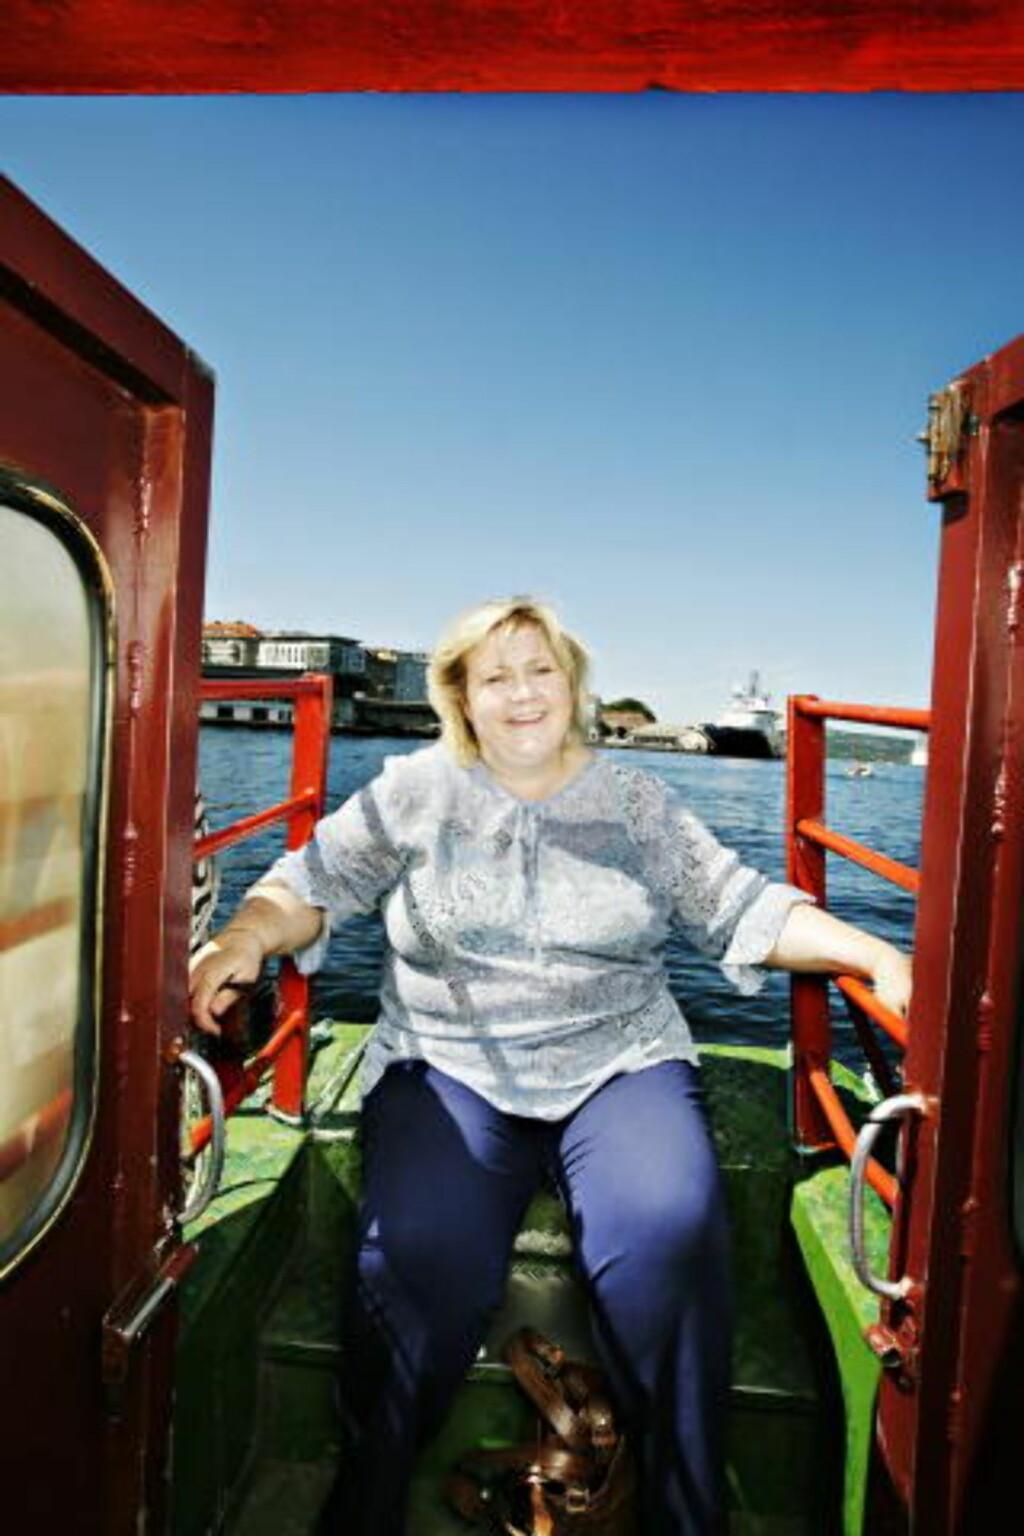 - NÅR UT: Solbergs oppslutning viser at hun når fram med budskapet, mener SVs Thorkildsen. Foto: KRISTIAN RIDDER-NIELSEN/Dagbladet